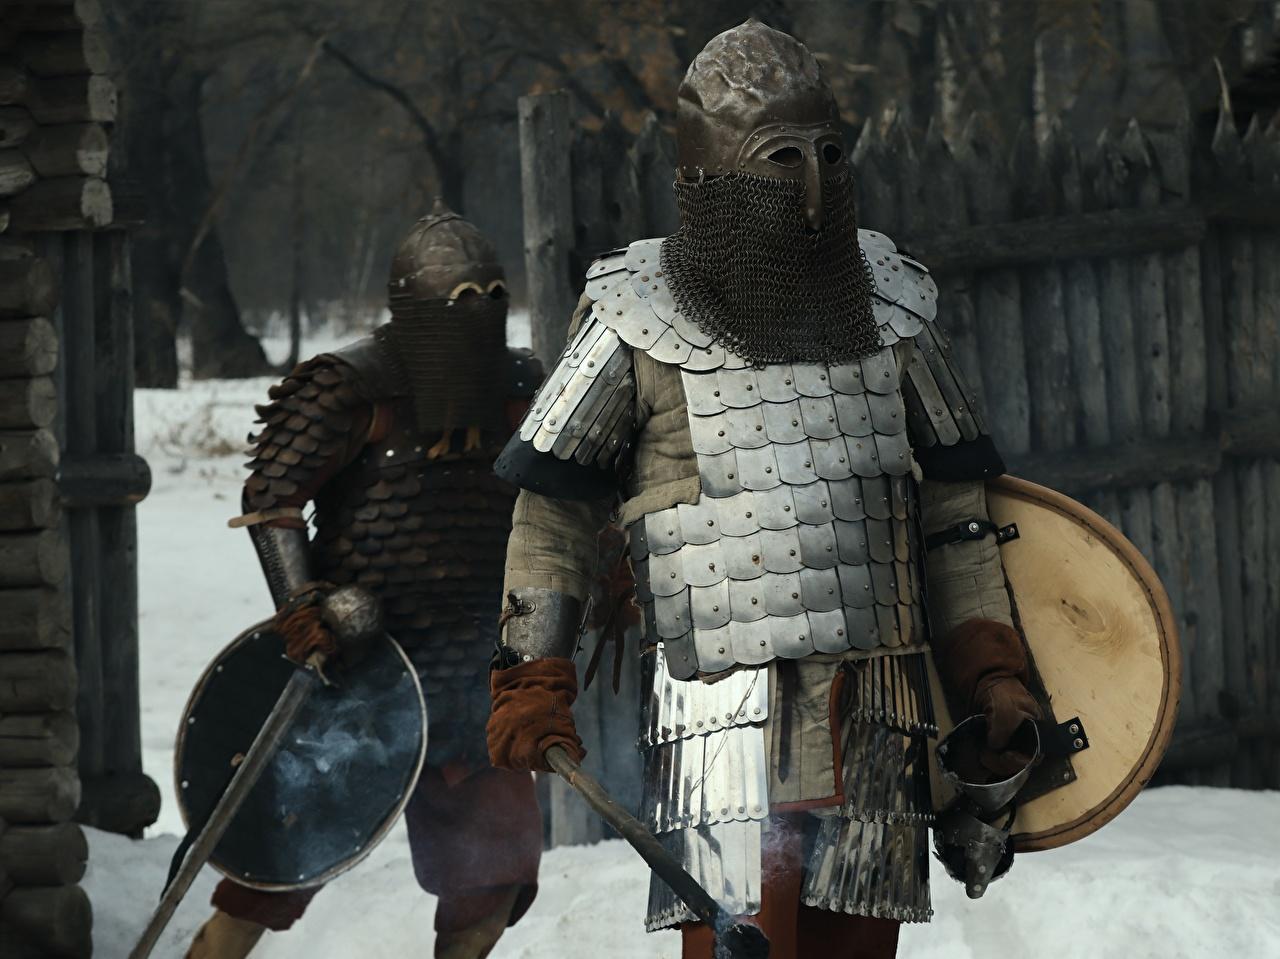 Фото Рыцарь Доспехи в шлеме Воители Мужчины два броня броне доспехе доспехах воин Шлем воины шлема мужчина 2 две Двое вдвоем